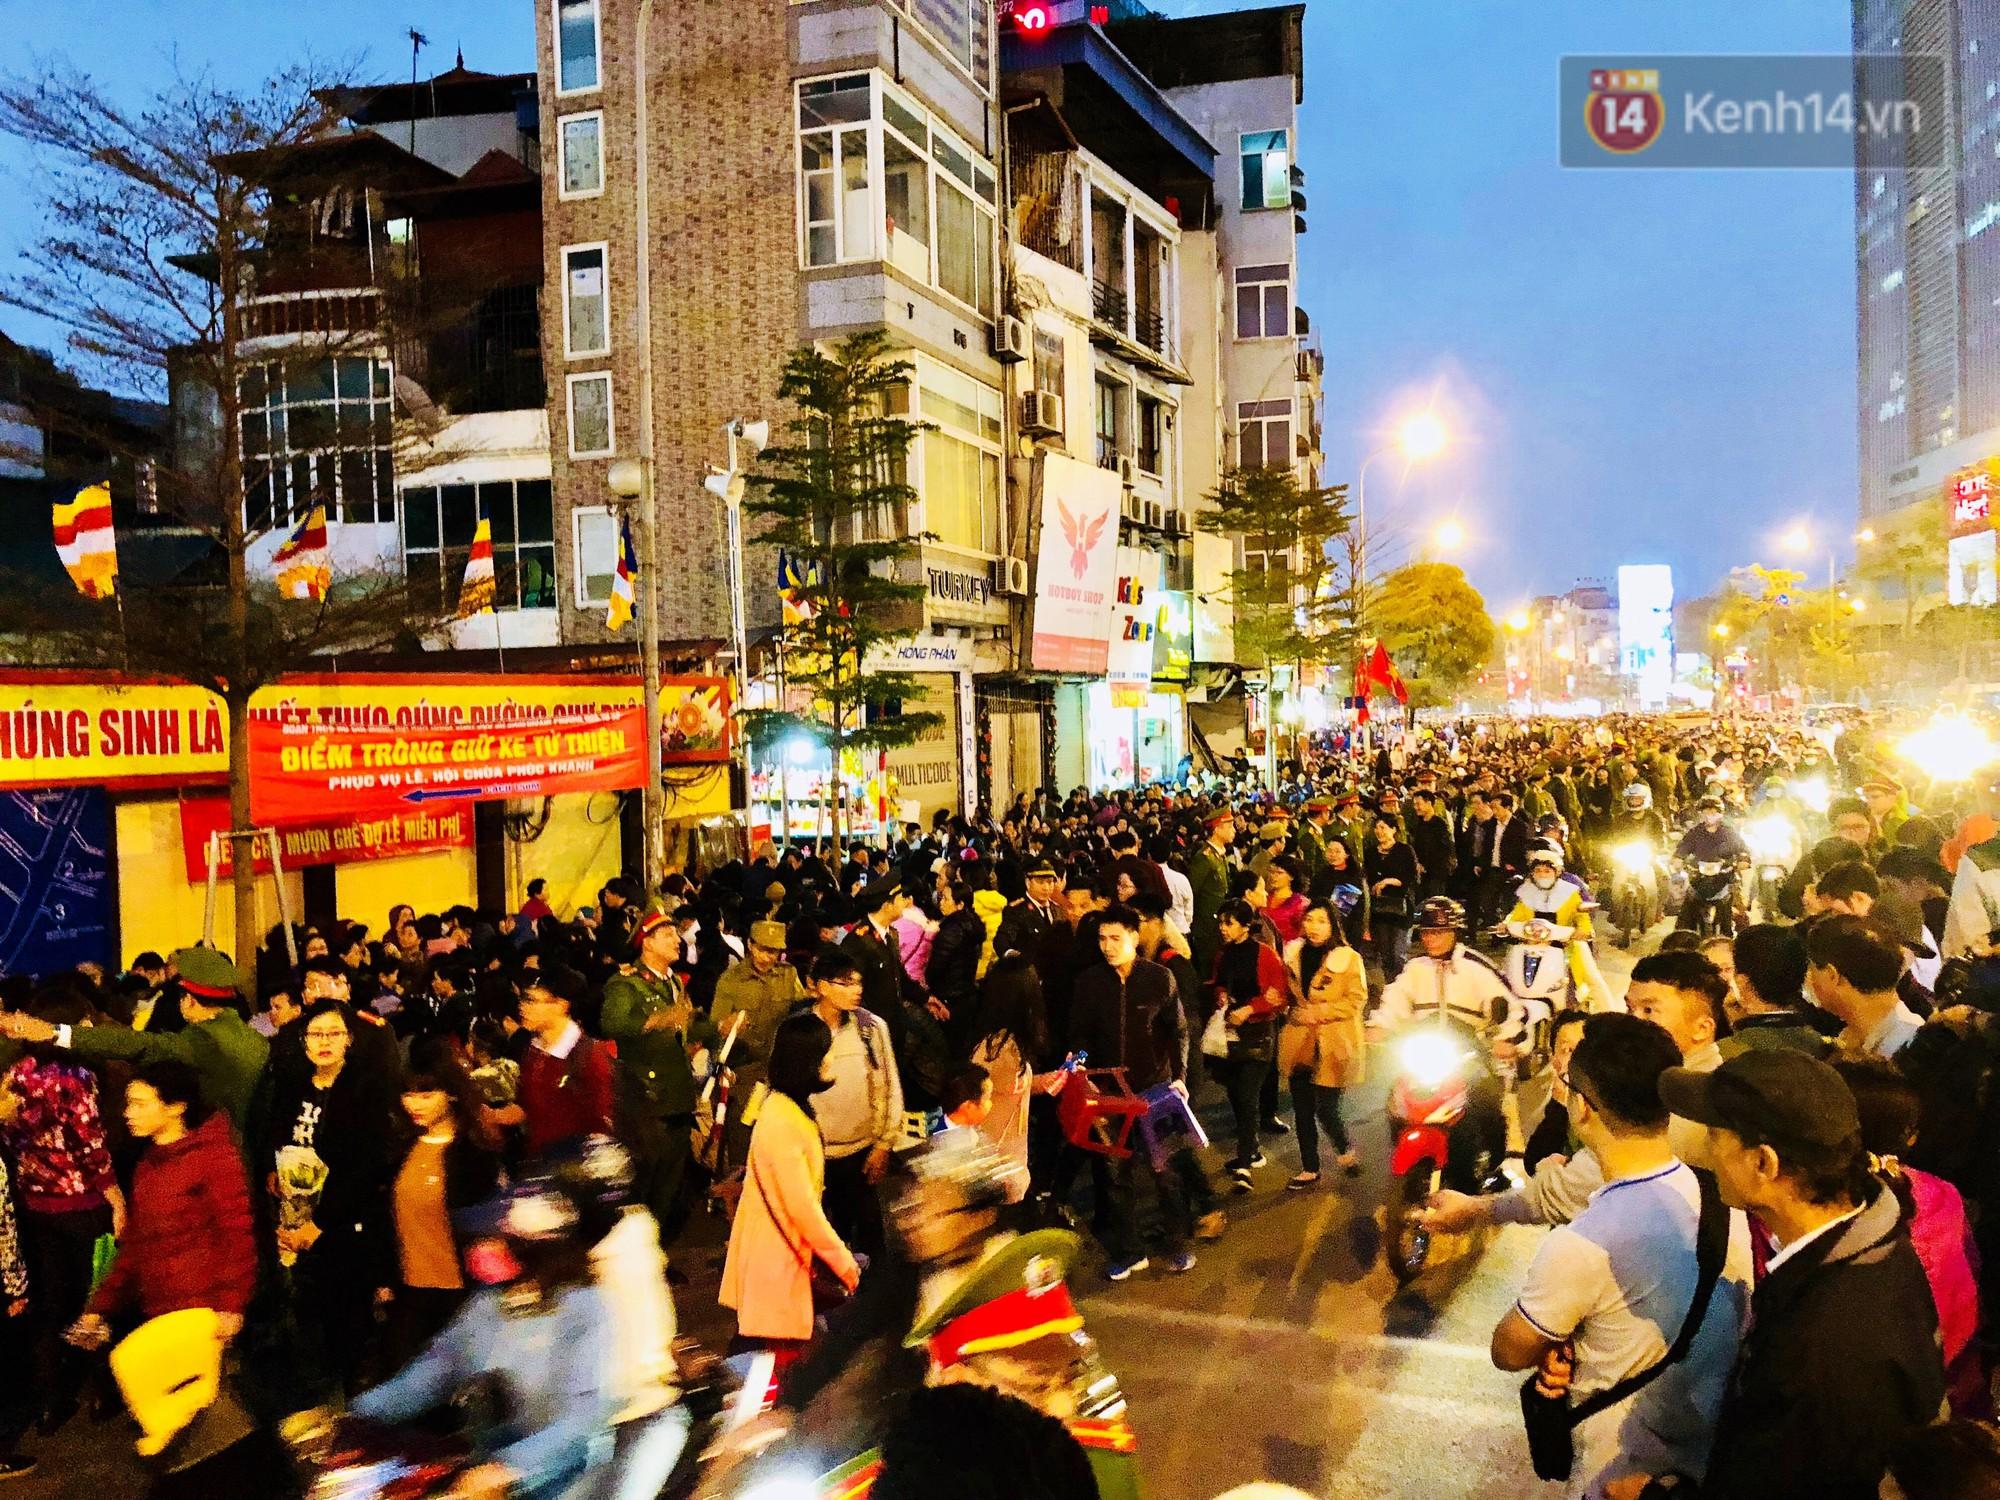 Cấm 1 làn đường trước chùa Phúc Khánh cho người dân ngồi dự lễ cầu an lớn nhất năm 24